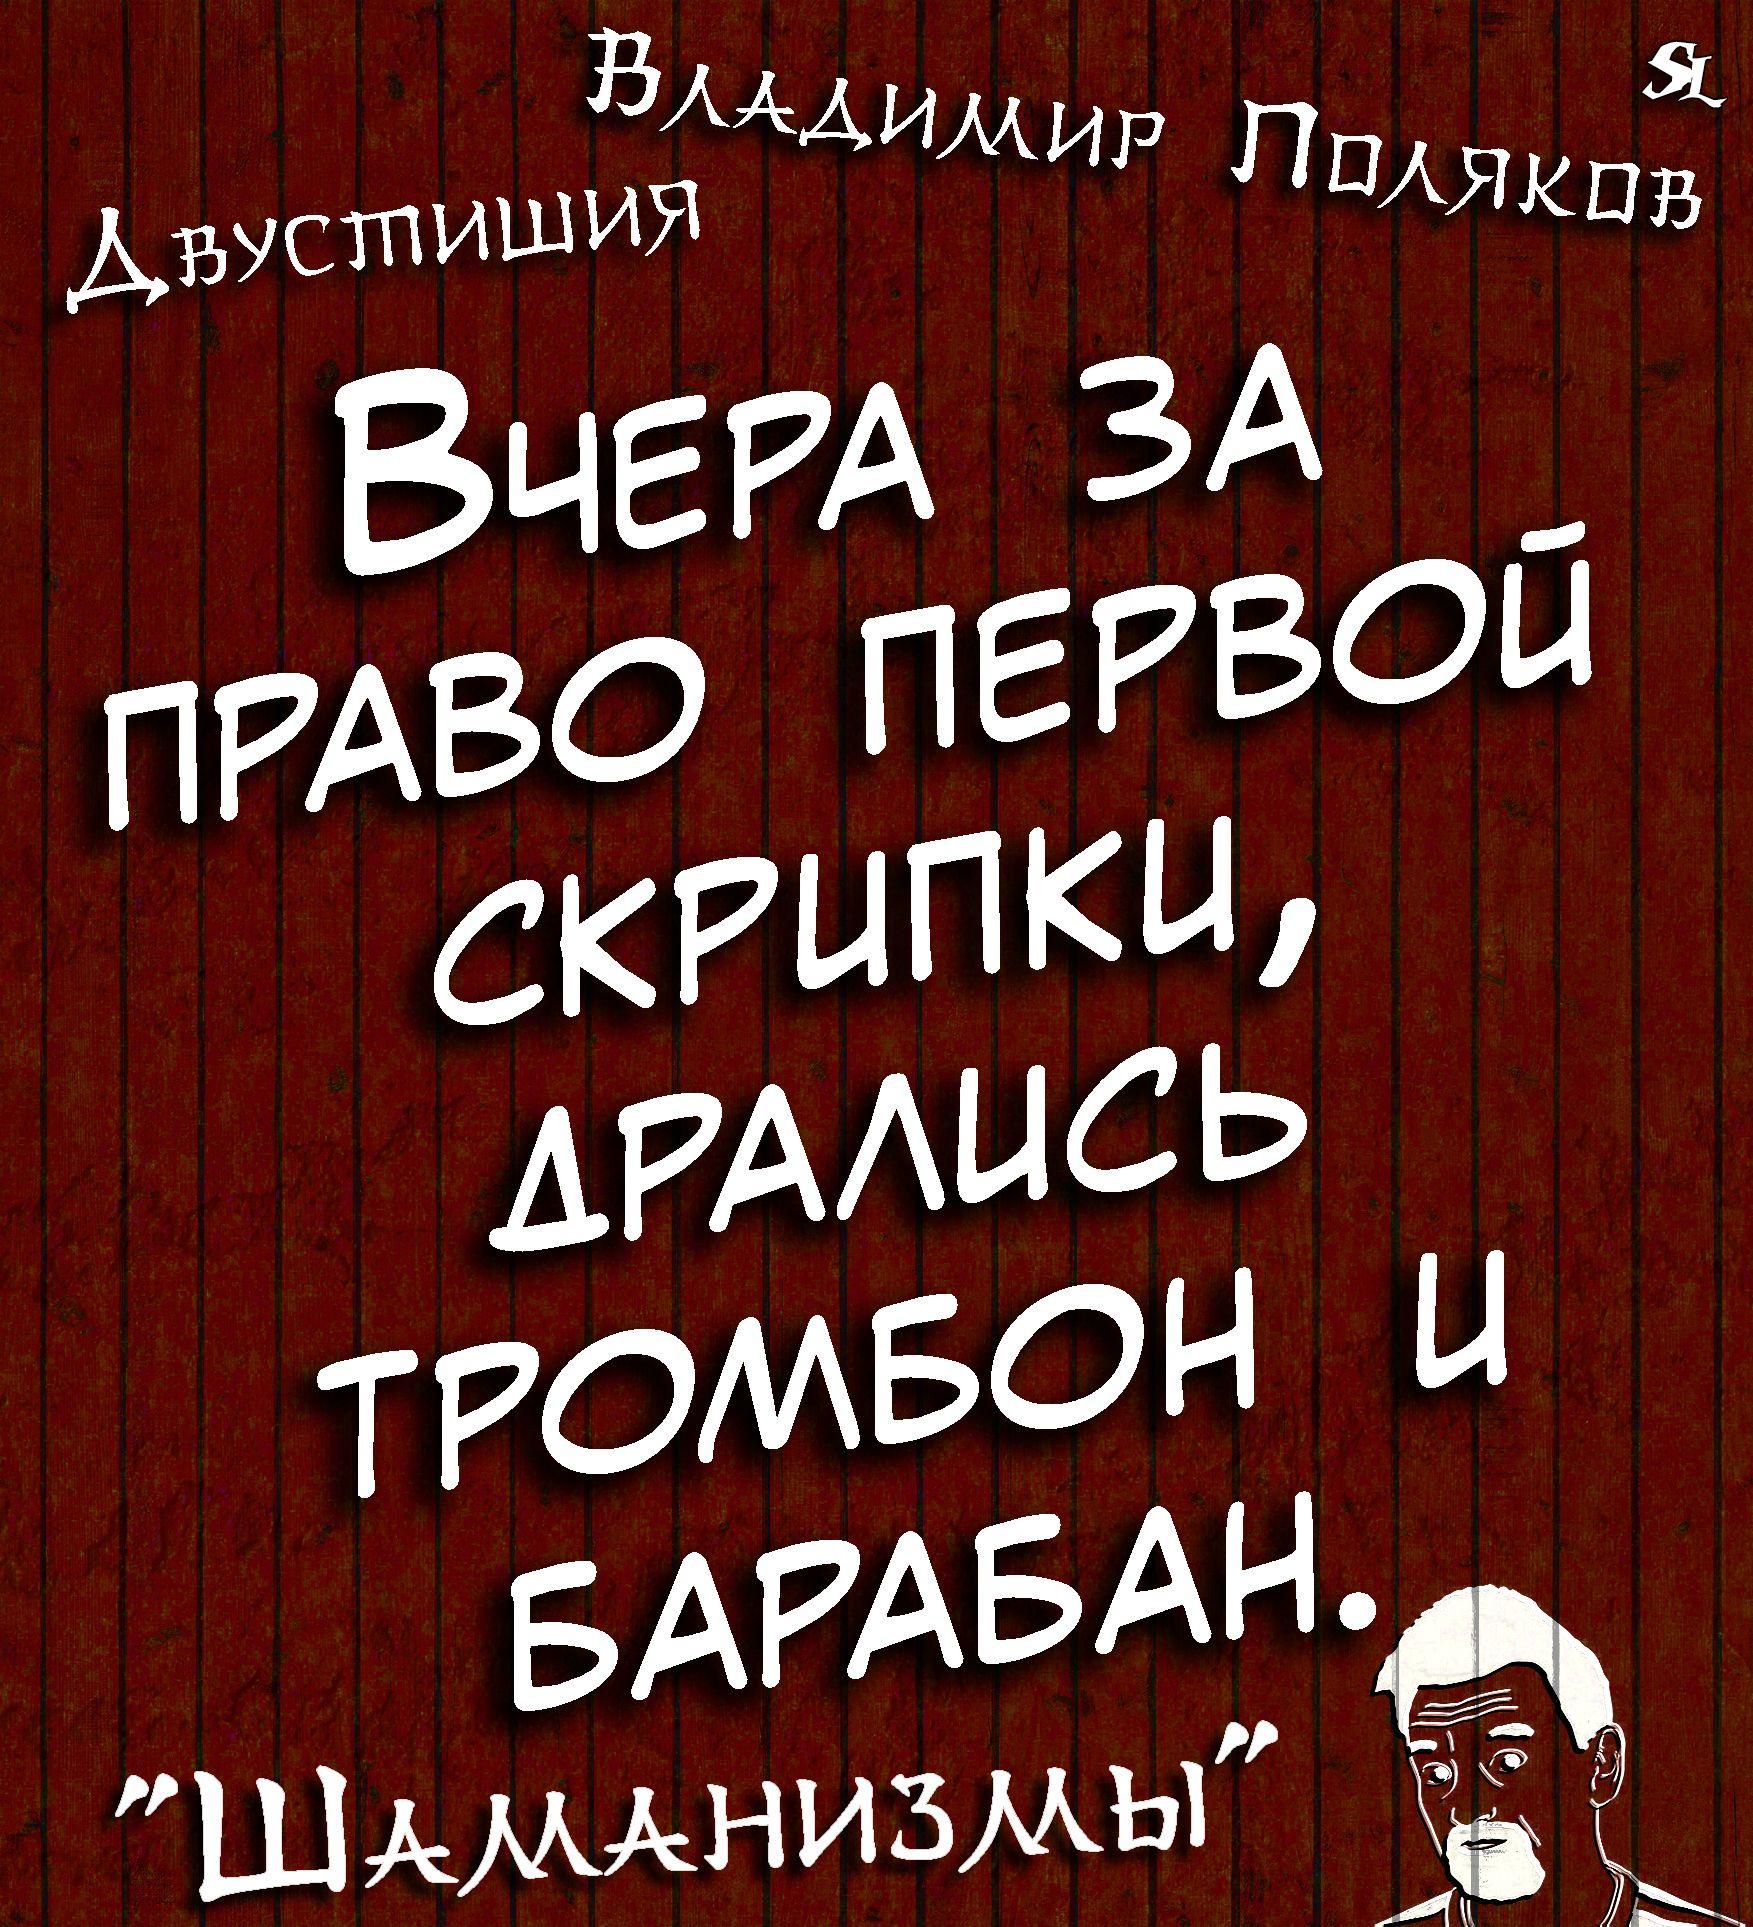 Dvostishie Vladimir Polyakov Shamanizmy Shutki Prikol Yumor Jokes Funny Humor Memes V 2020 G Shutki Shamanizm Citaty